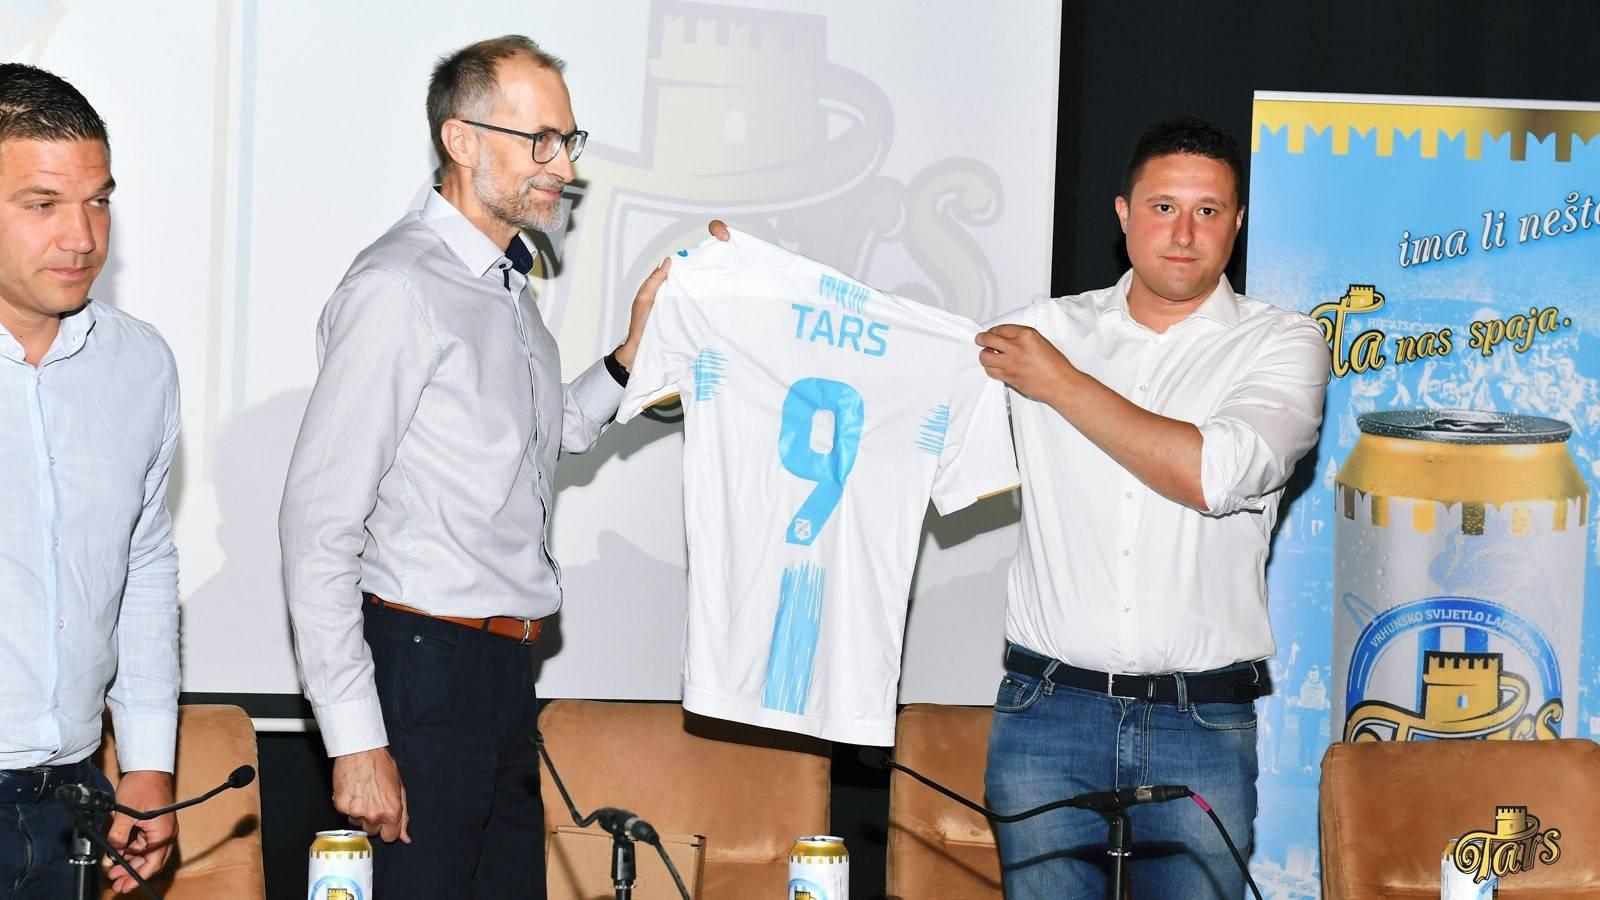 Tars postao službeno pivo HNK Rijeka